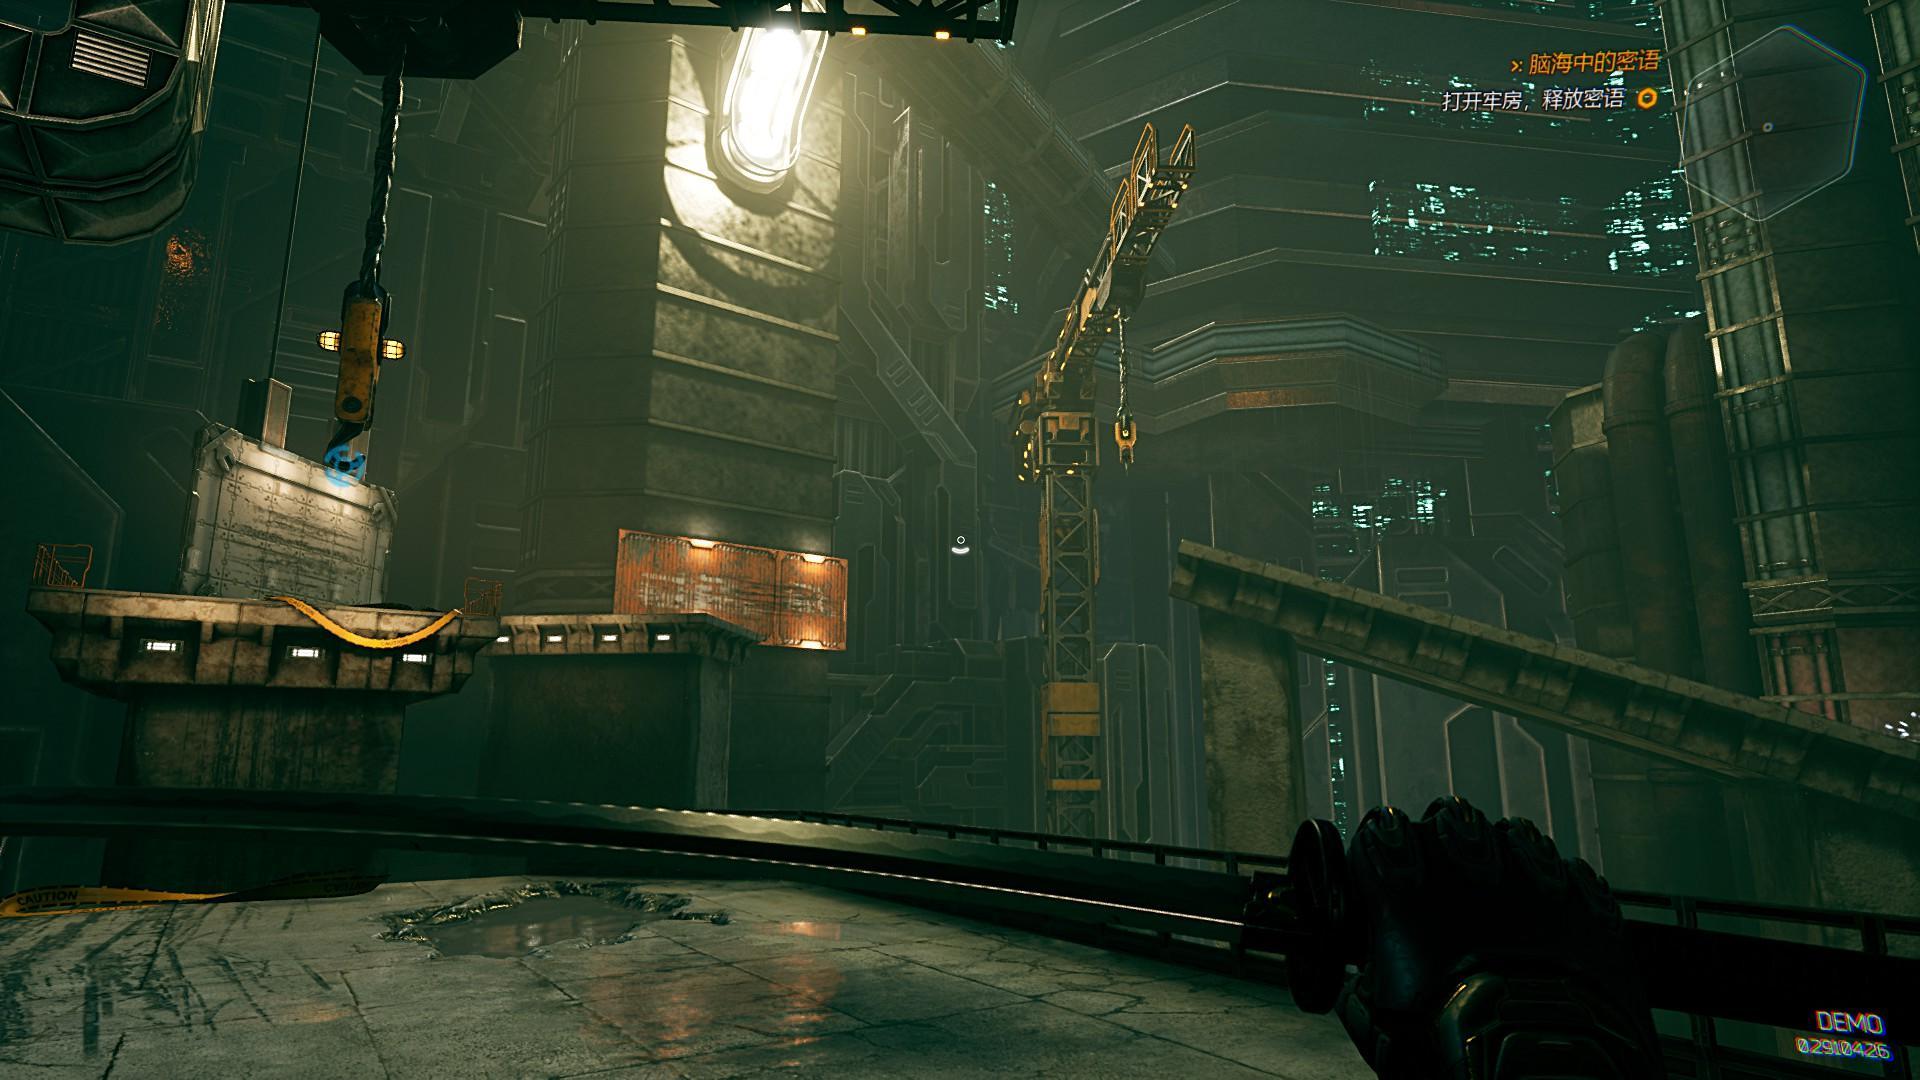 《幽灵行者》评测:2077来临前,不妨试试这款源氏模拟器